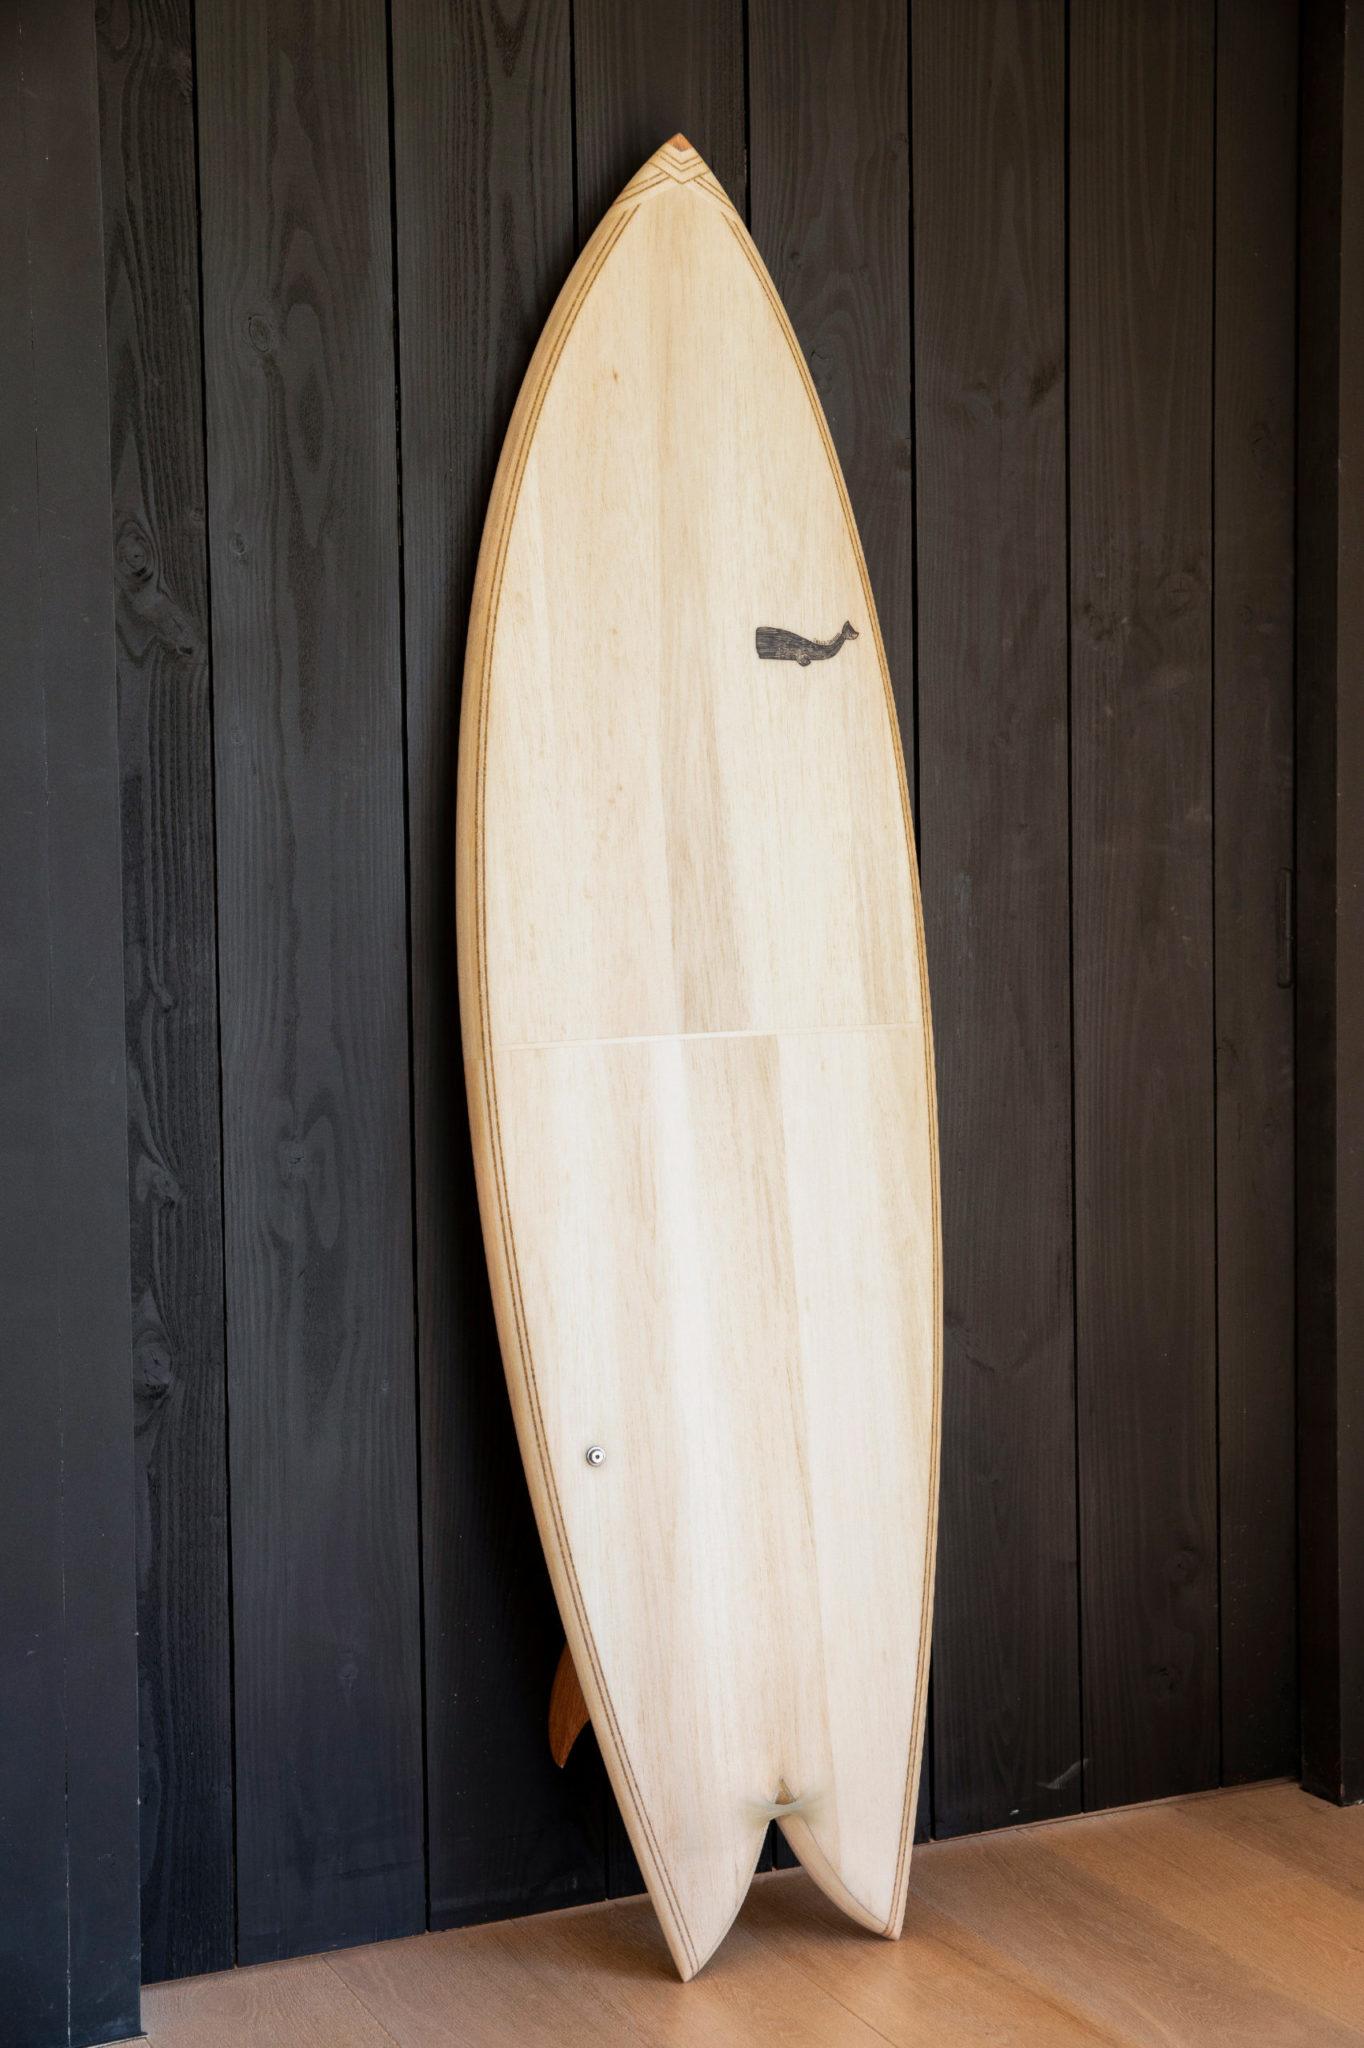 cachalot surfboards artisan hand shaper surf bois hollow wooden hareng julien Mavier